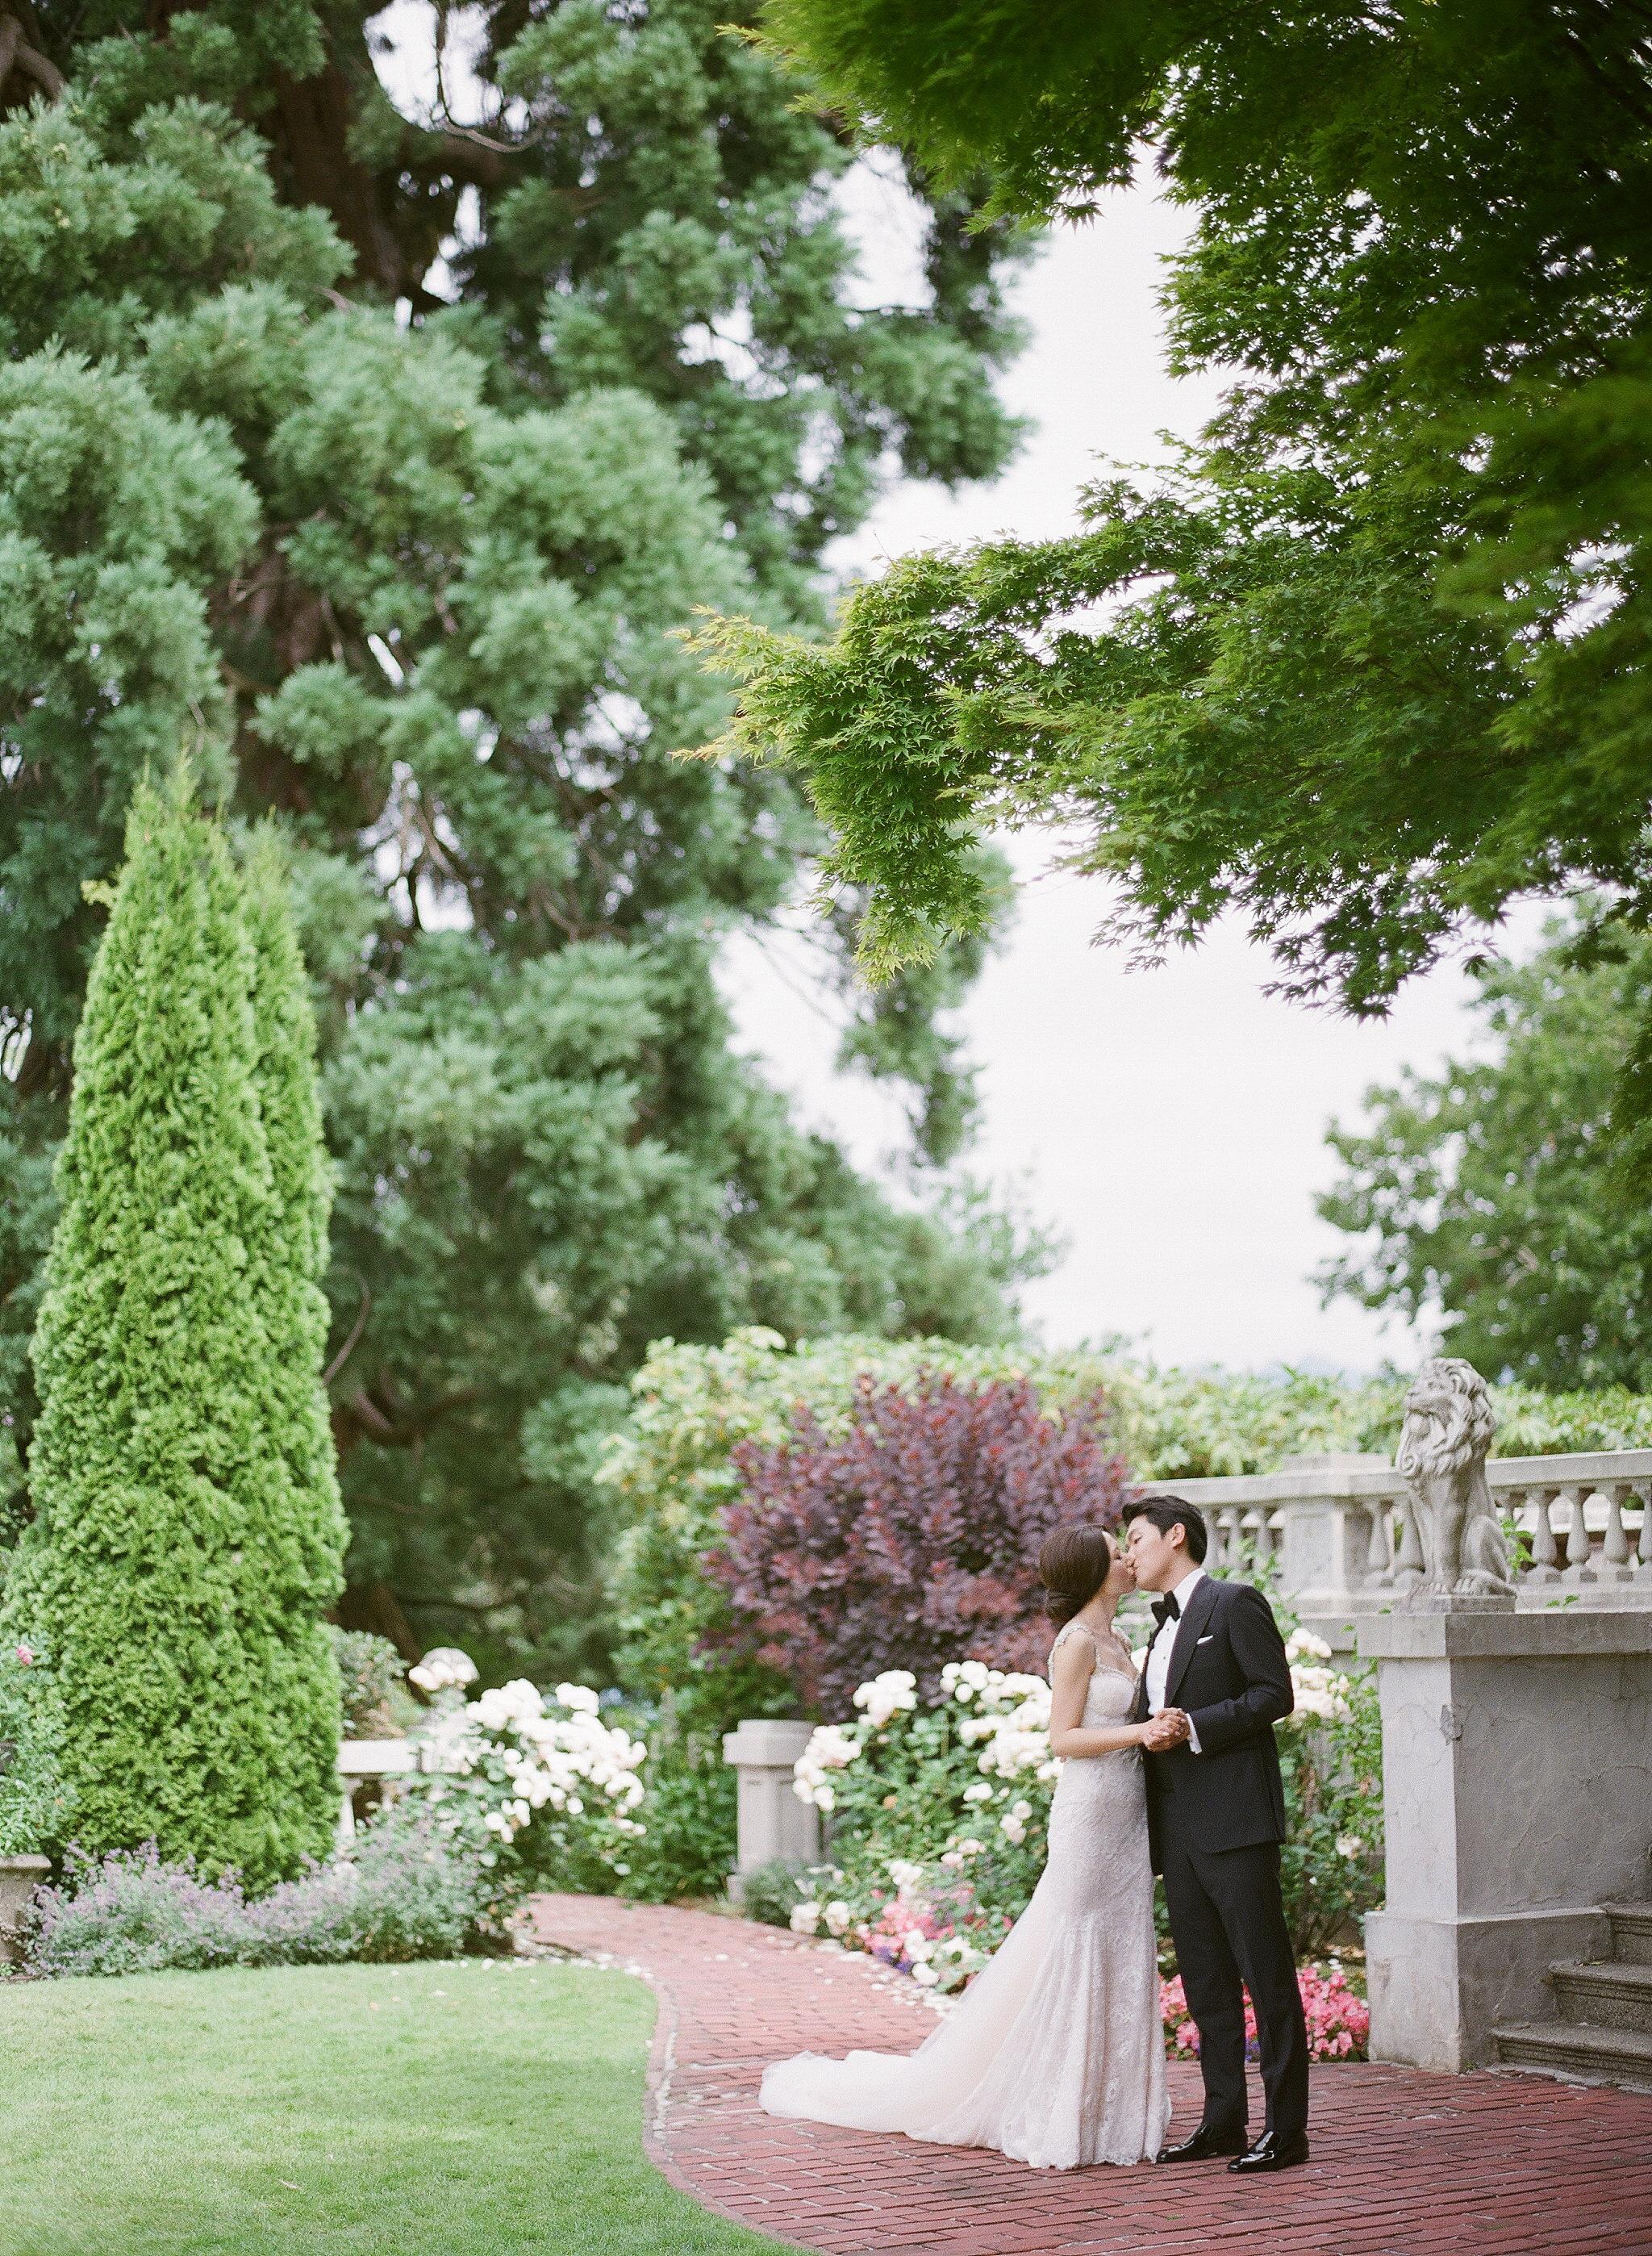 gloria zee wedding couple kissing outdoor grounds